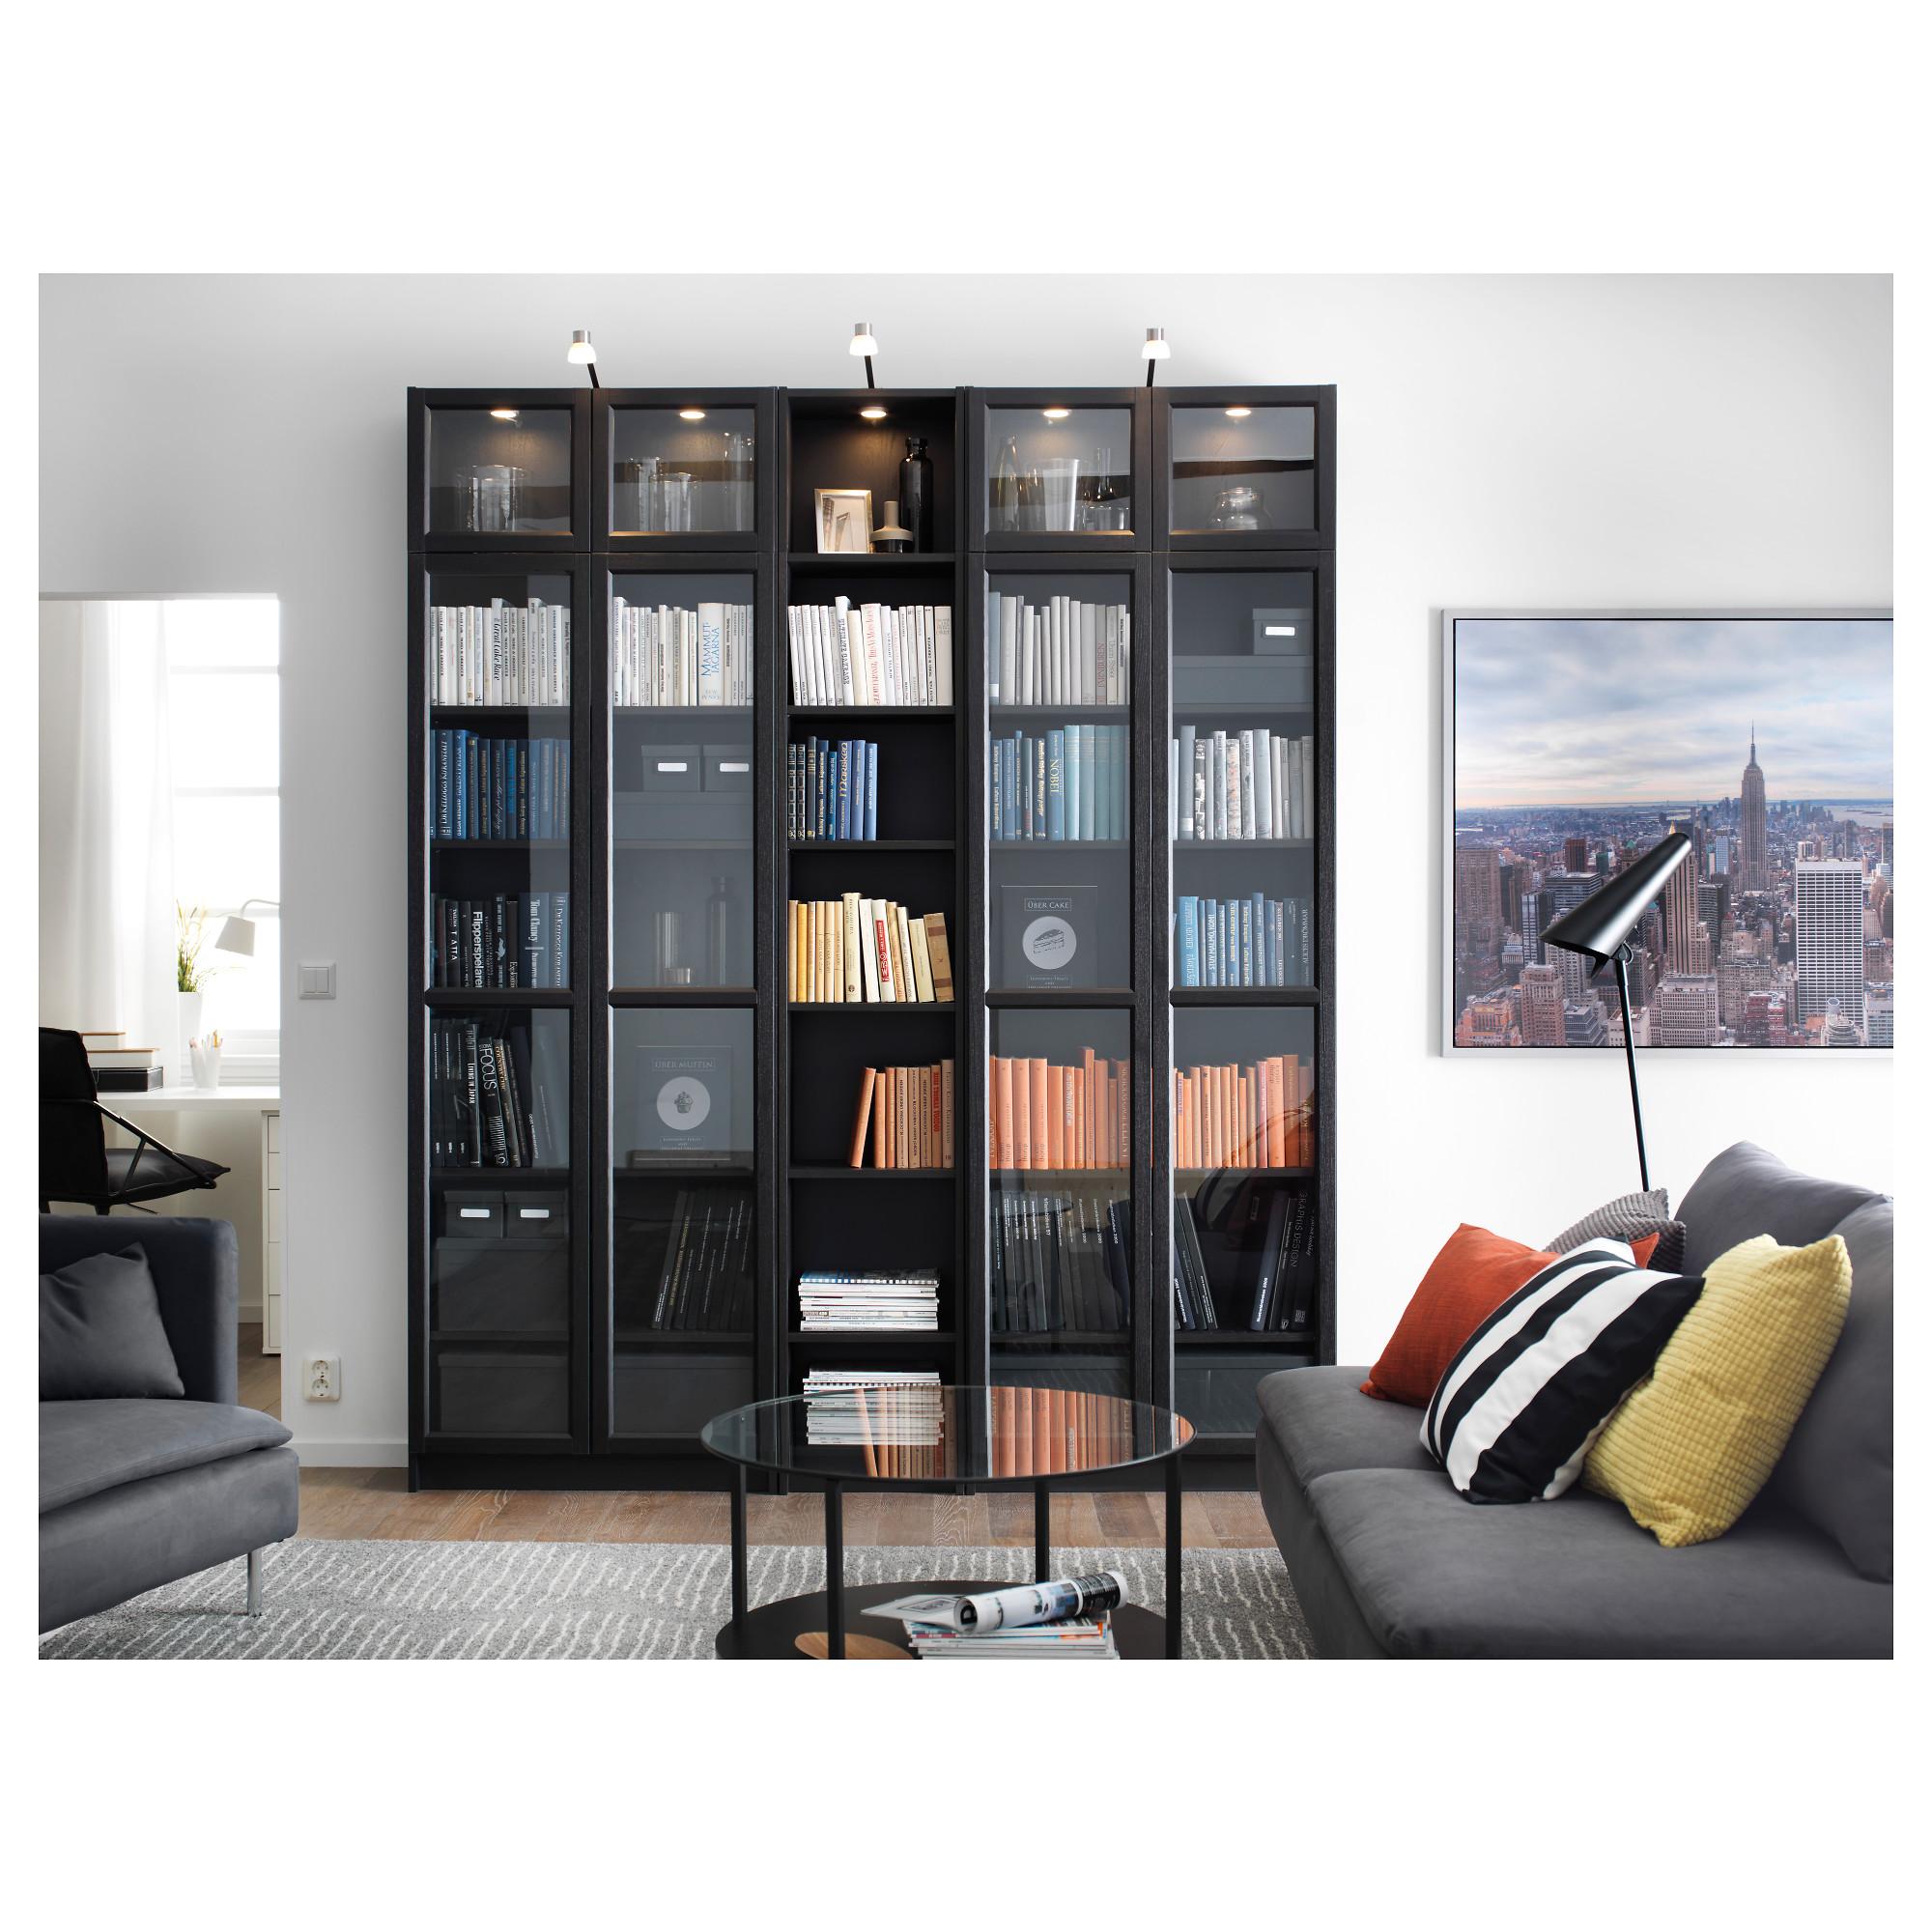 Дизайн интерьера гостиной комнаты - 75 фото идеально оформле.